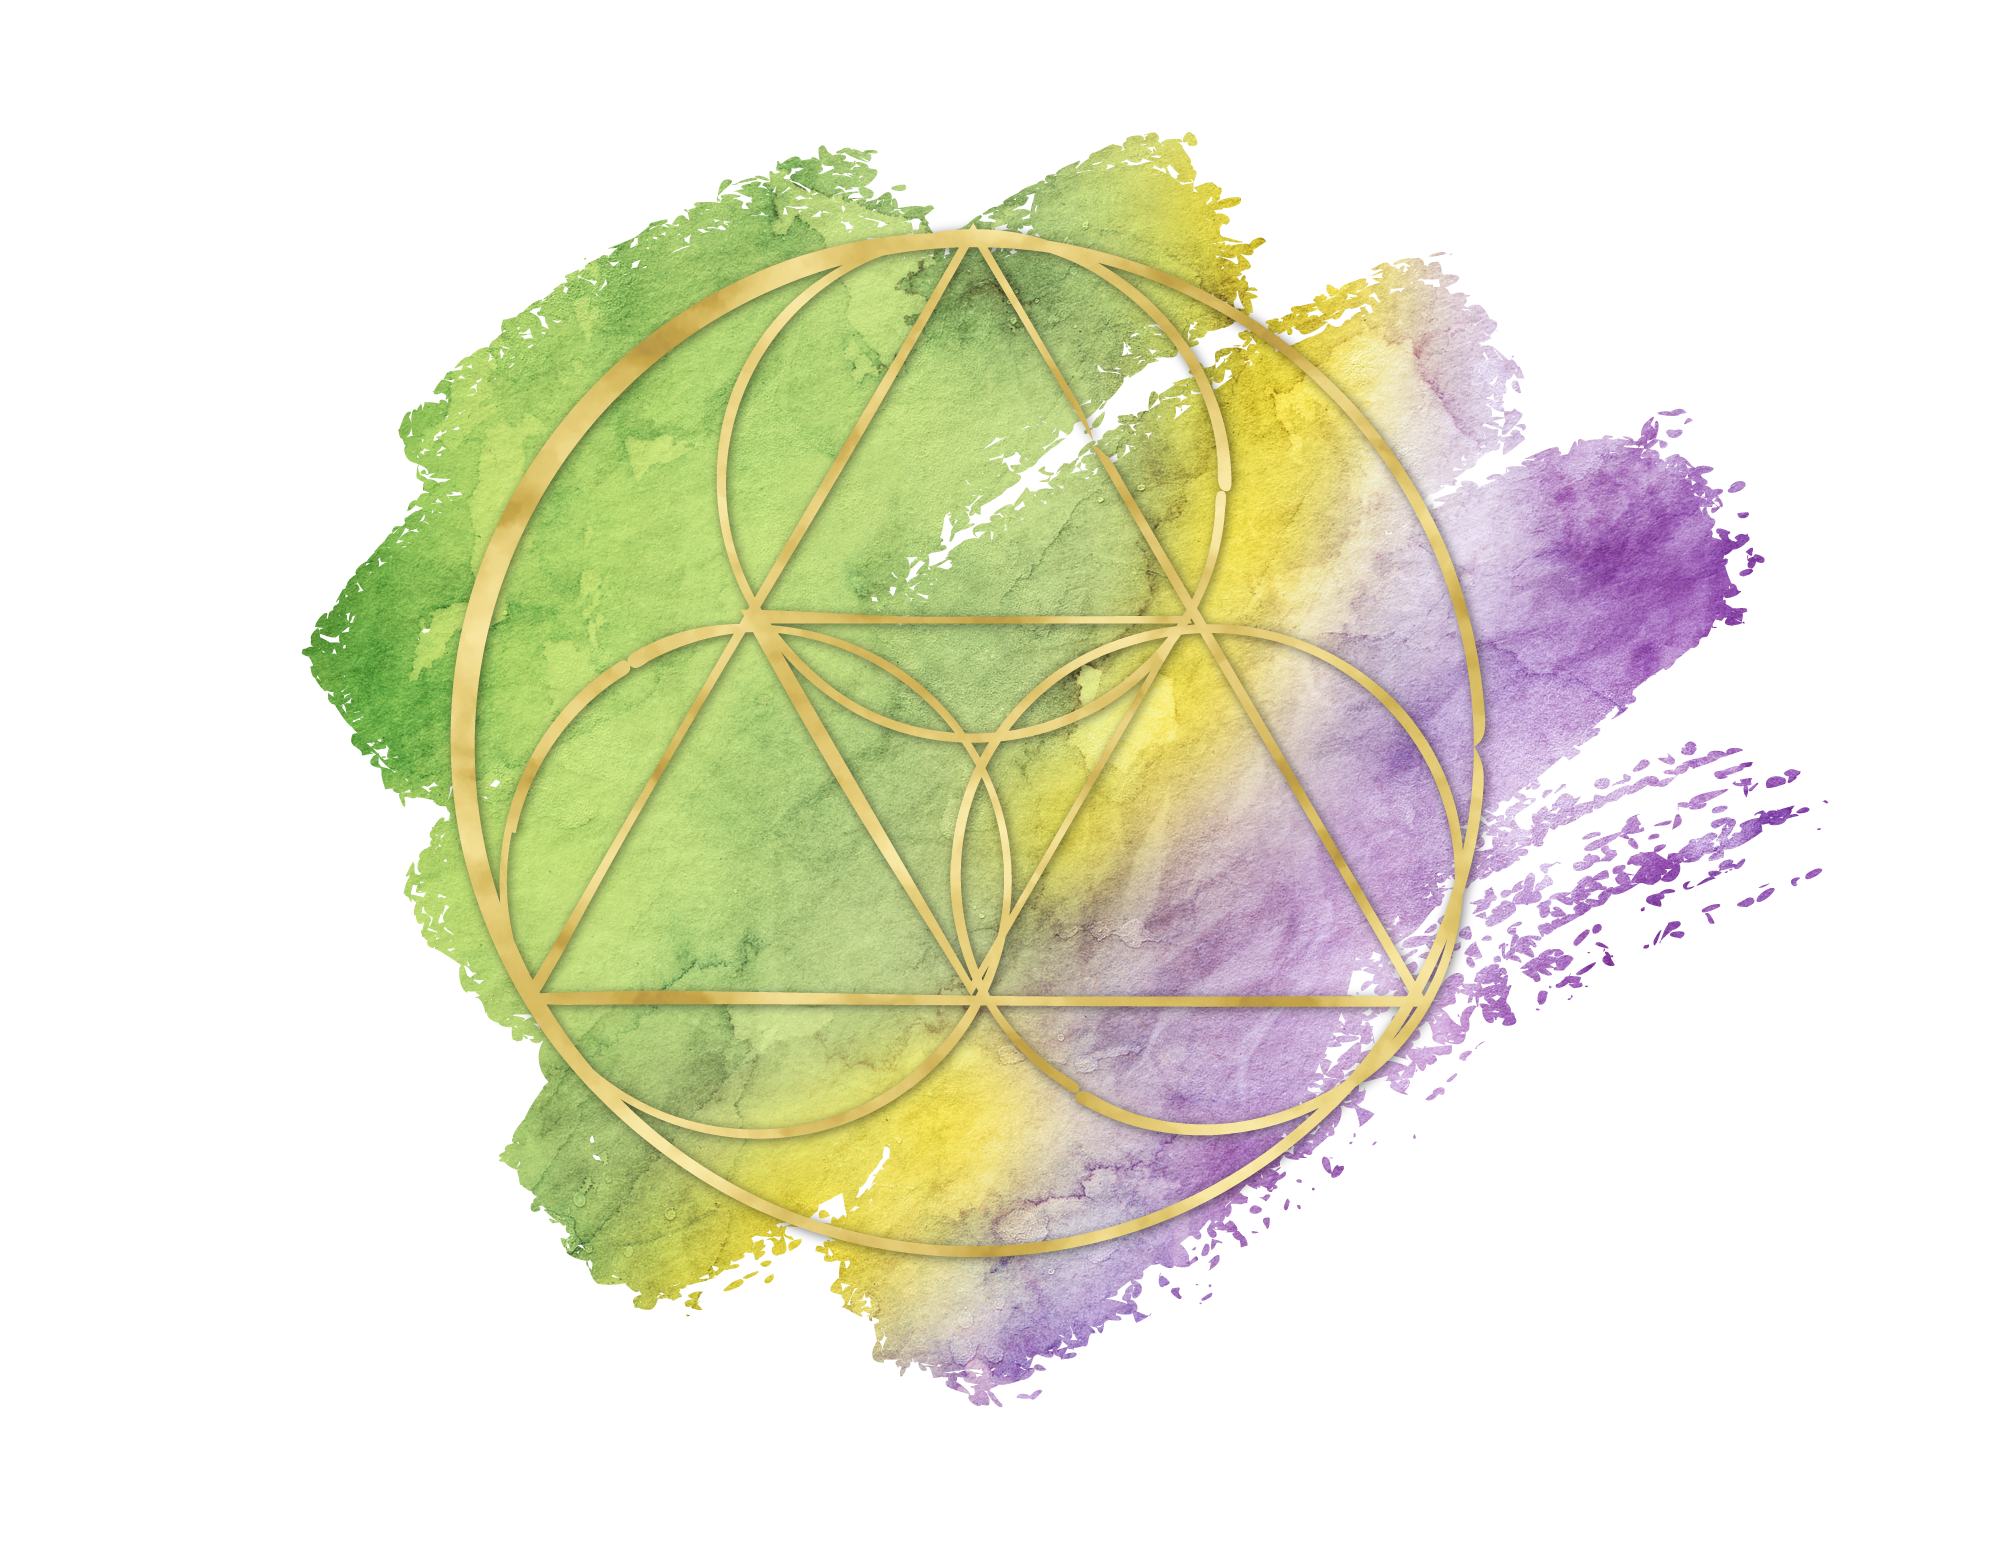 ilaria-logo-image